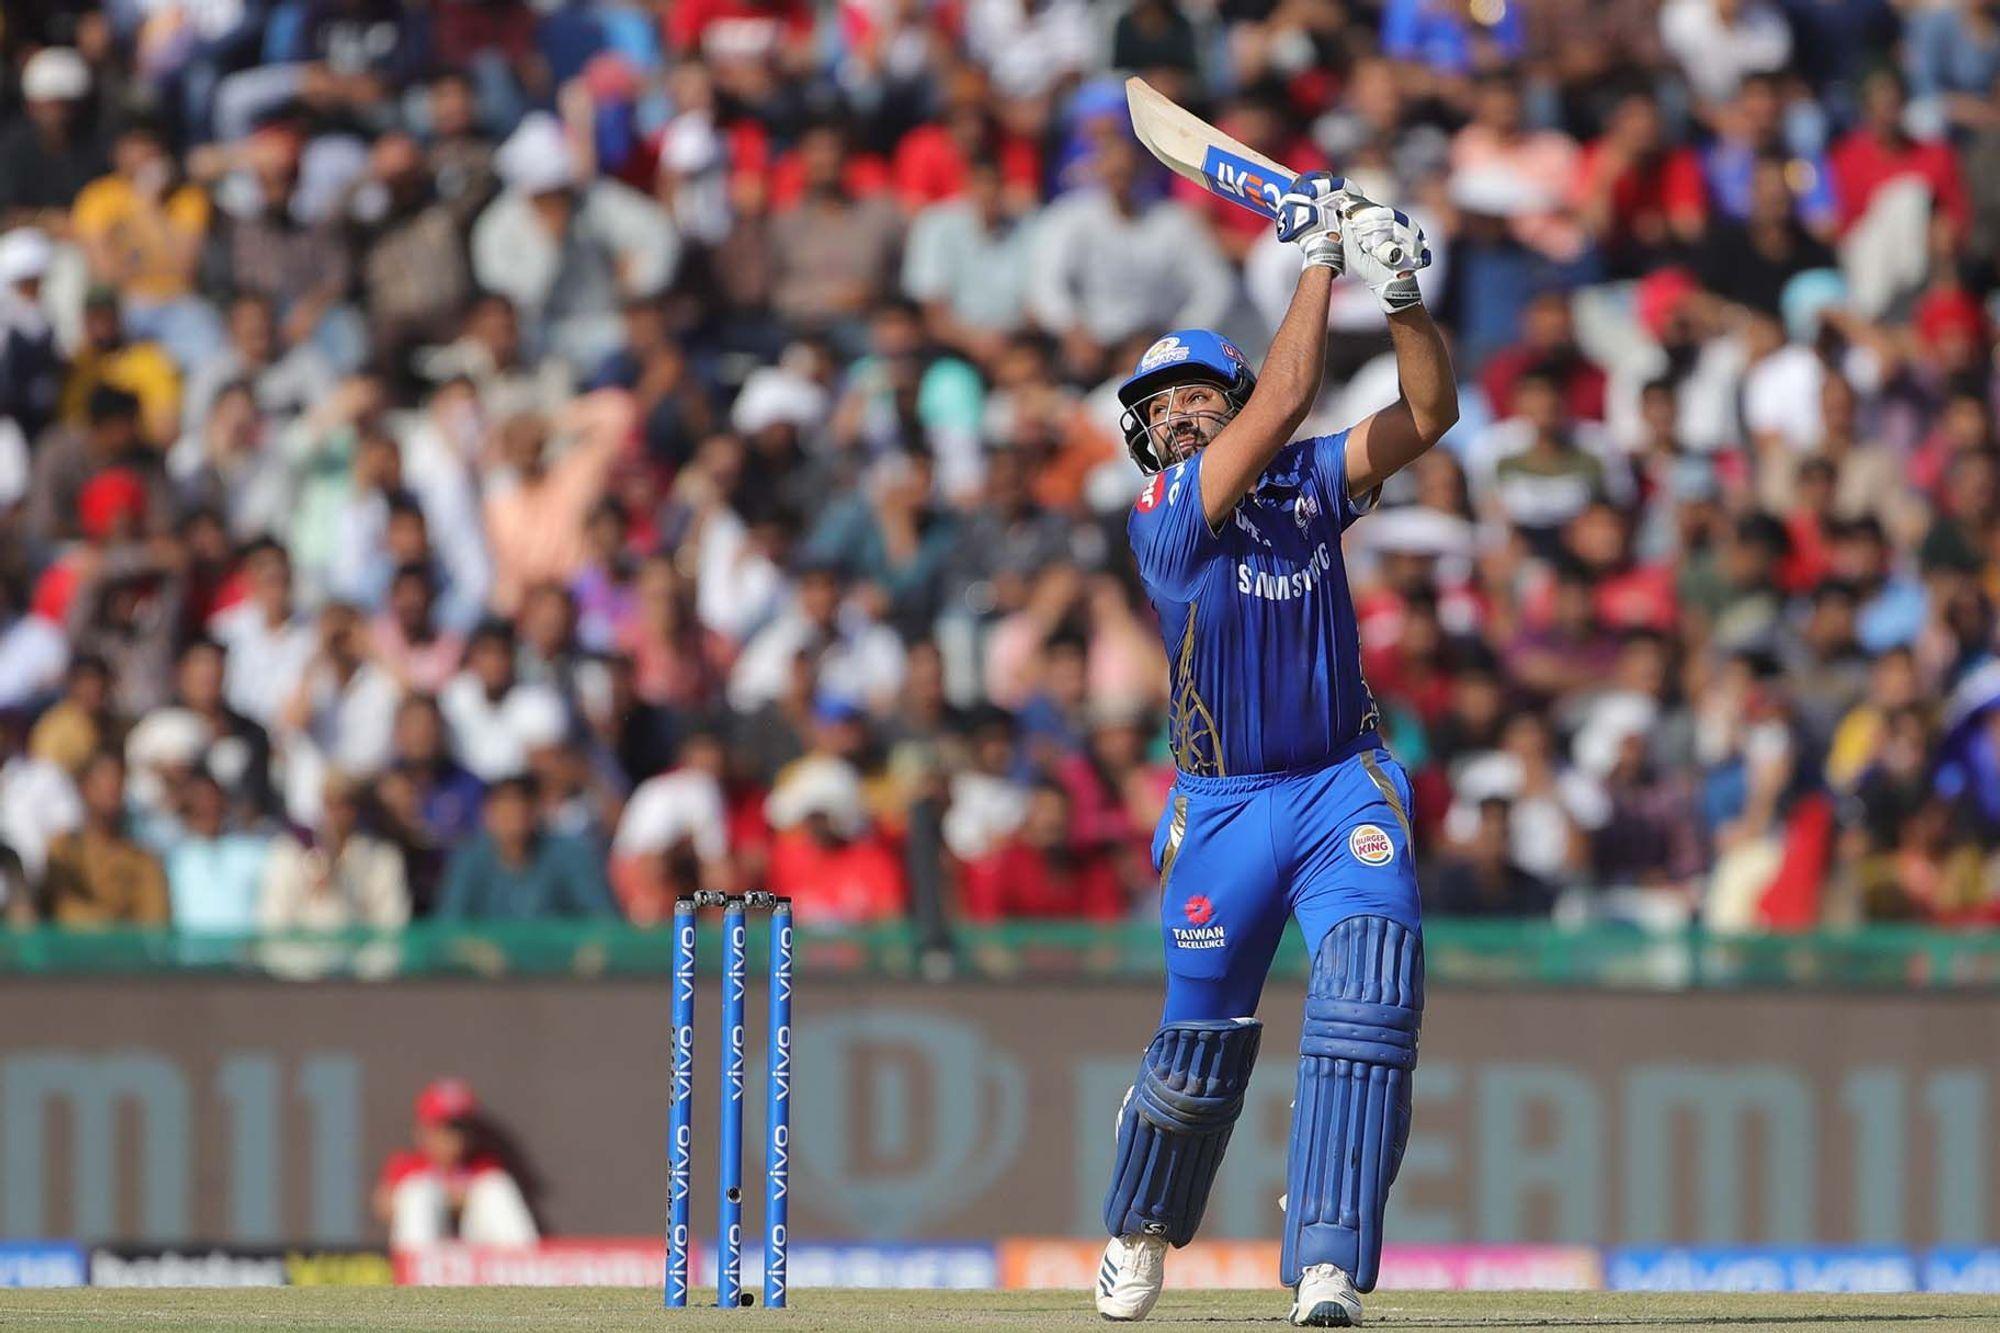 जहीर खान ने रोहित शर्मा की फिटनेस पर दिया अपडेट, जाने होंगे अगले मैच में टीम का हिस्सा या बैठेंगे बाहर 1